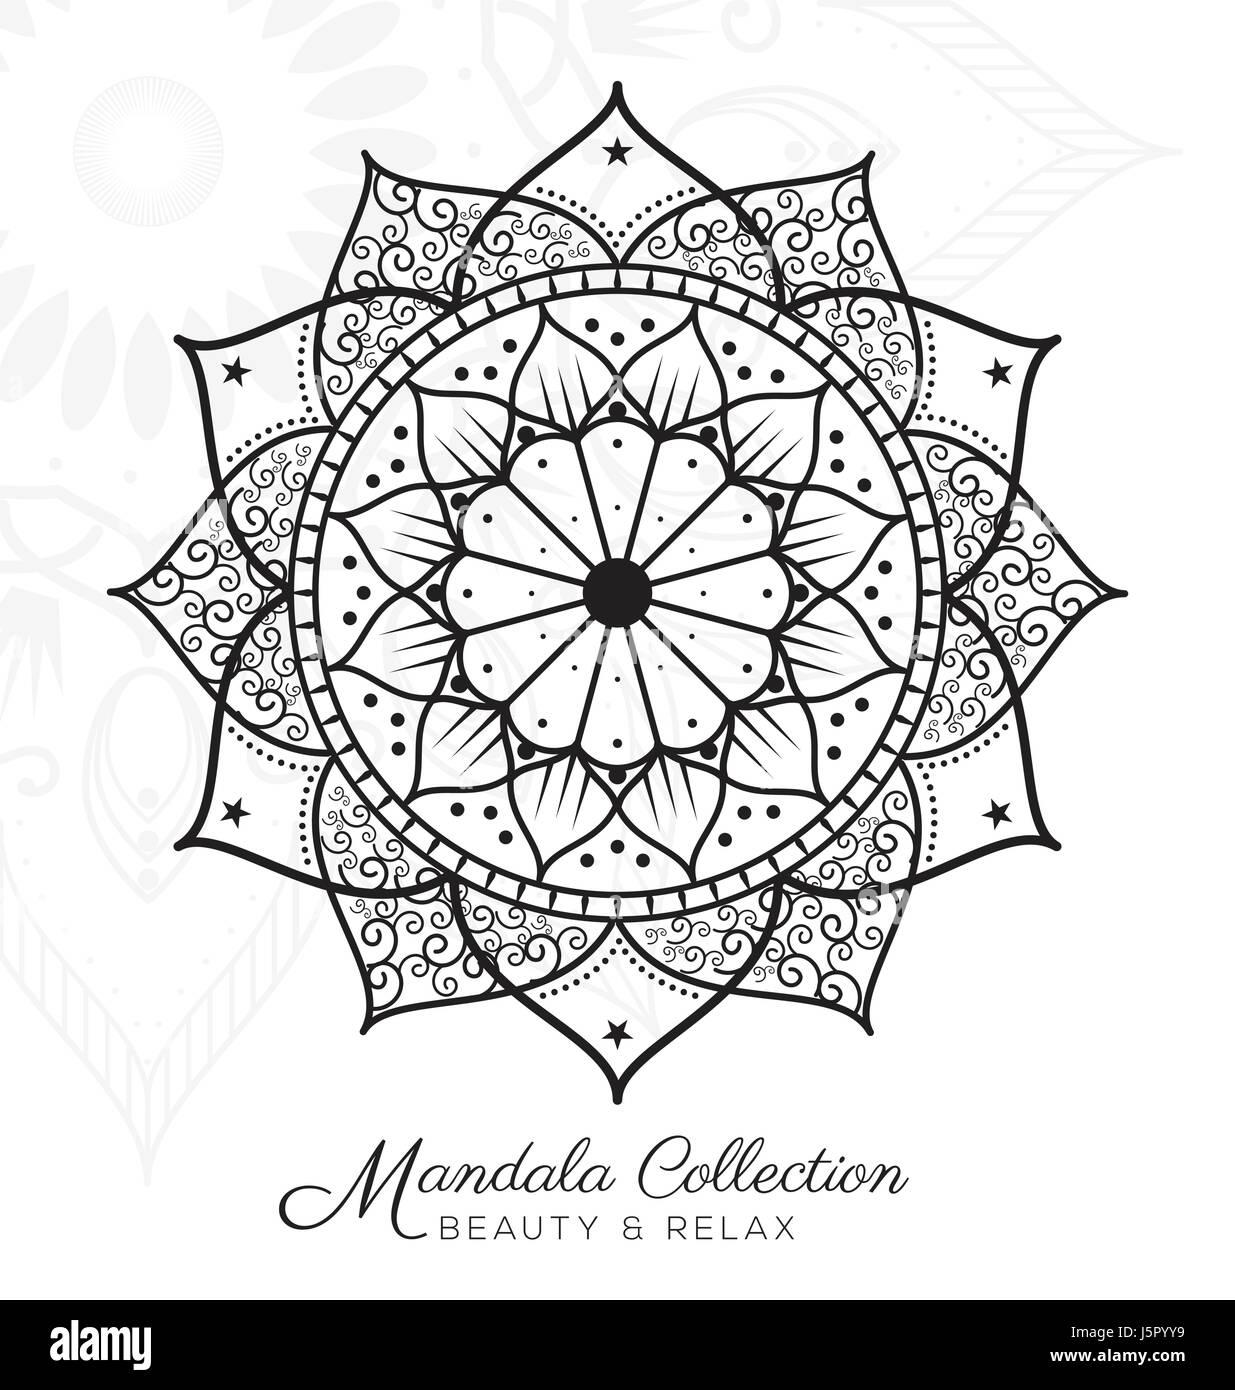 Mandala Tibetain Ornement Decoratif Design Pour Colorier Cartes De